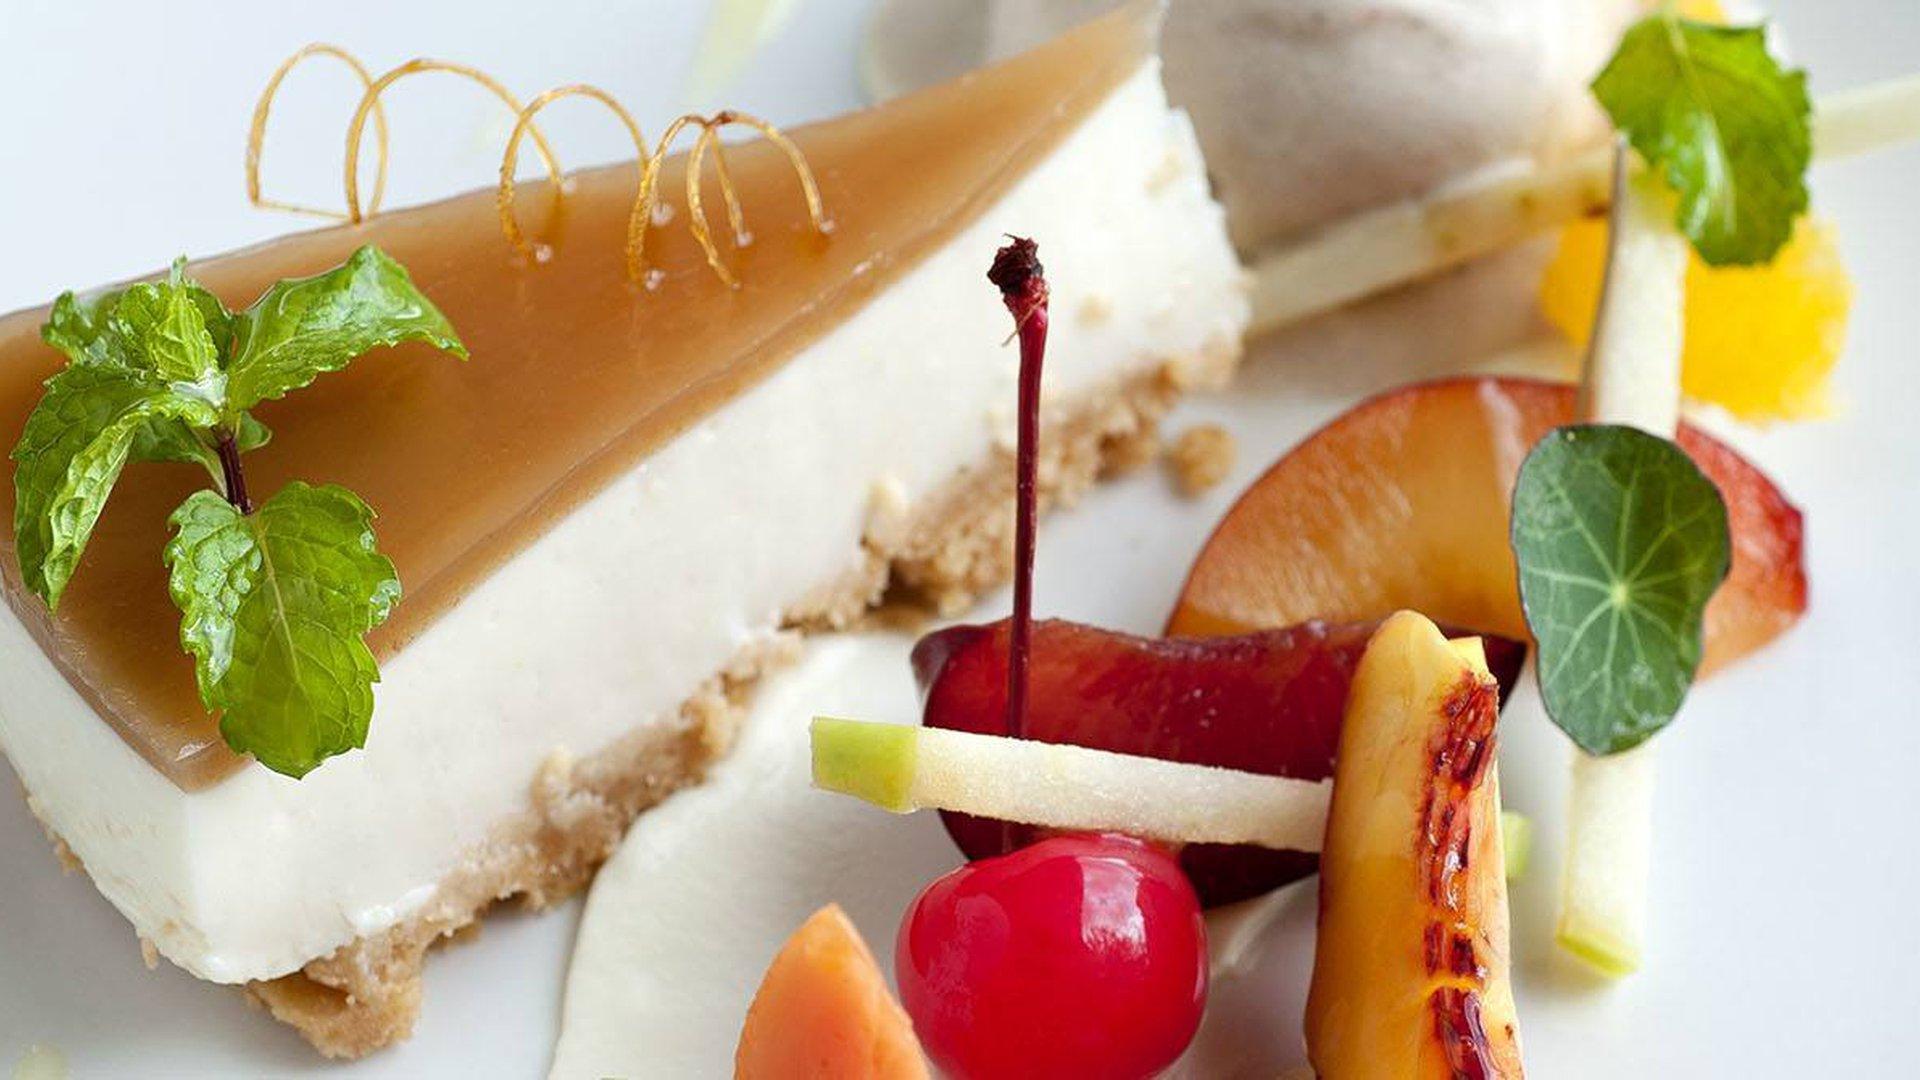 cuisine-2.jpg__1920x1080_q85_crop_subsampling-2_upscale Incroyable De Table Bar Cuisine Conception